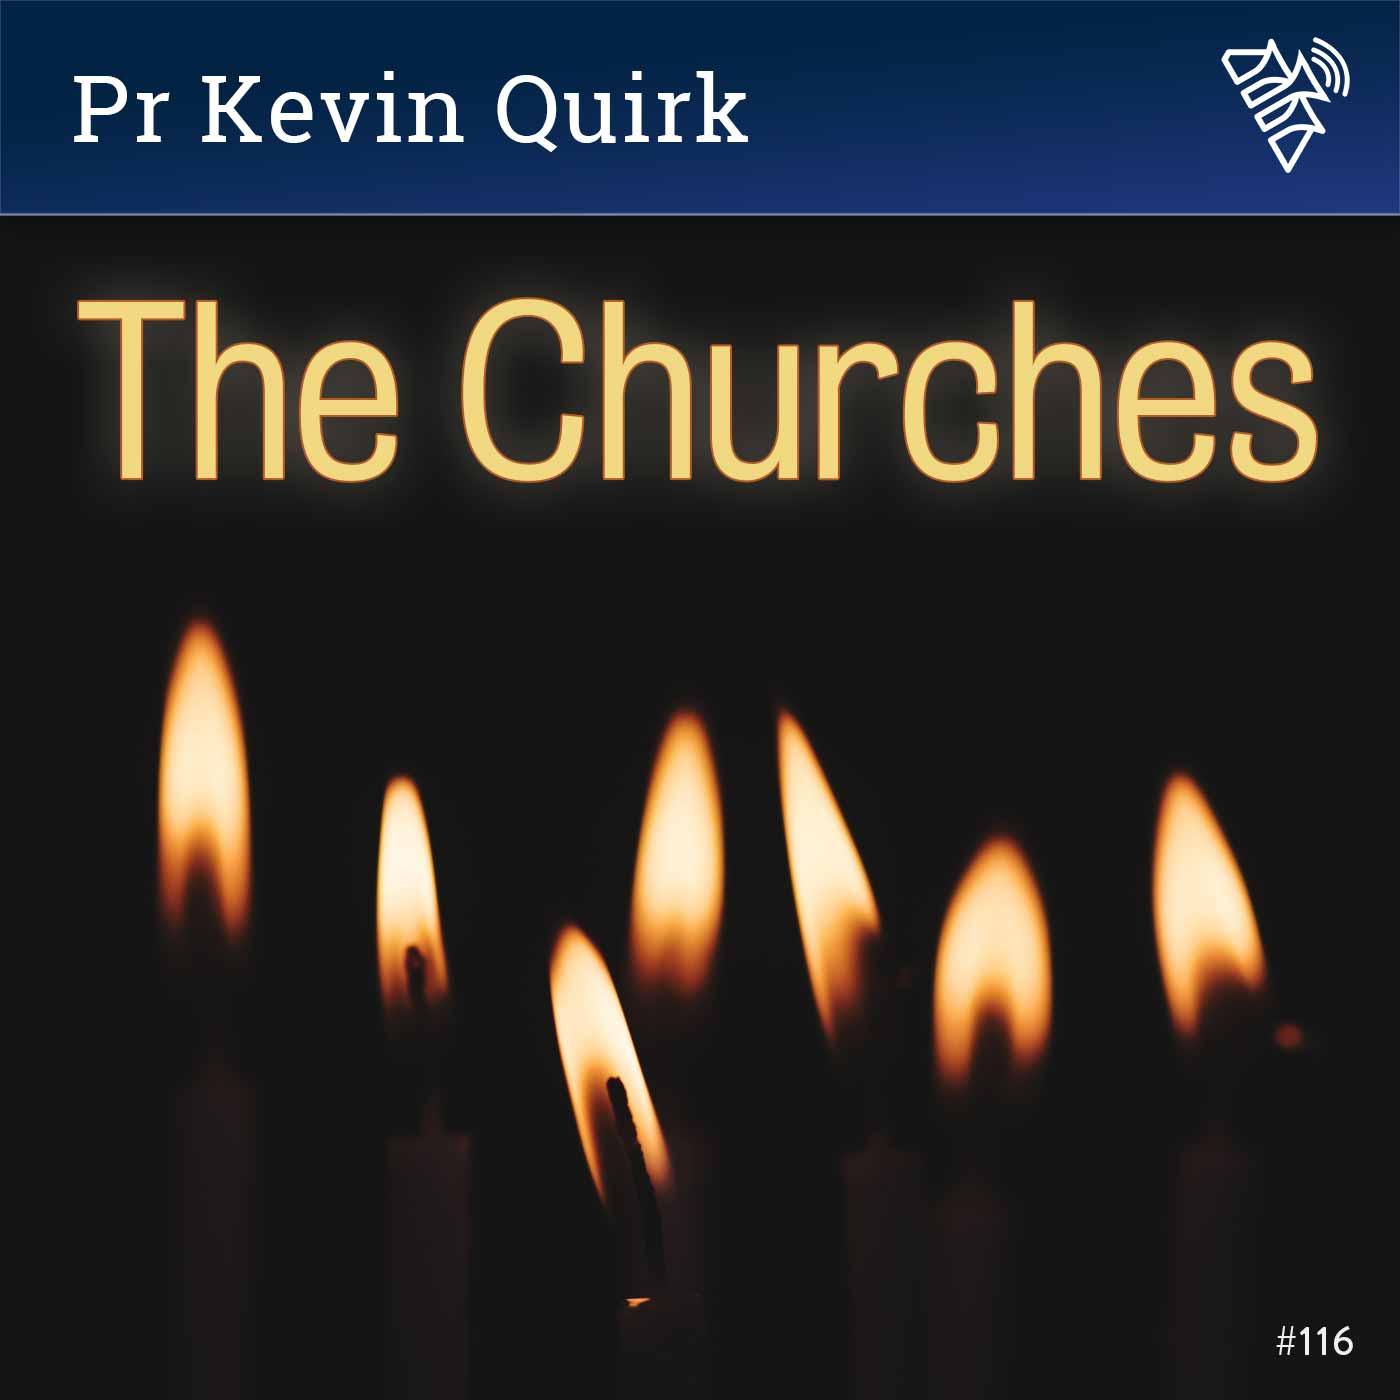 Ep 116 - The Churches